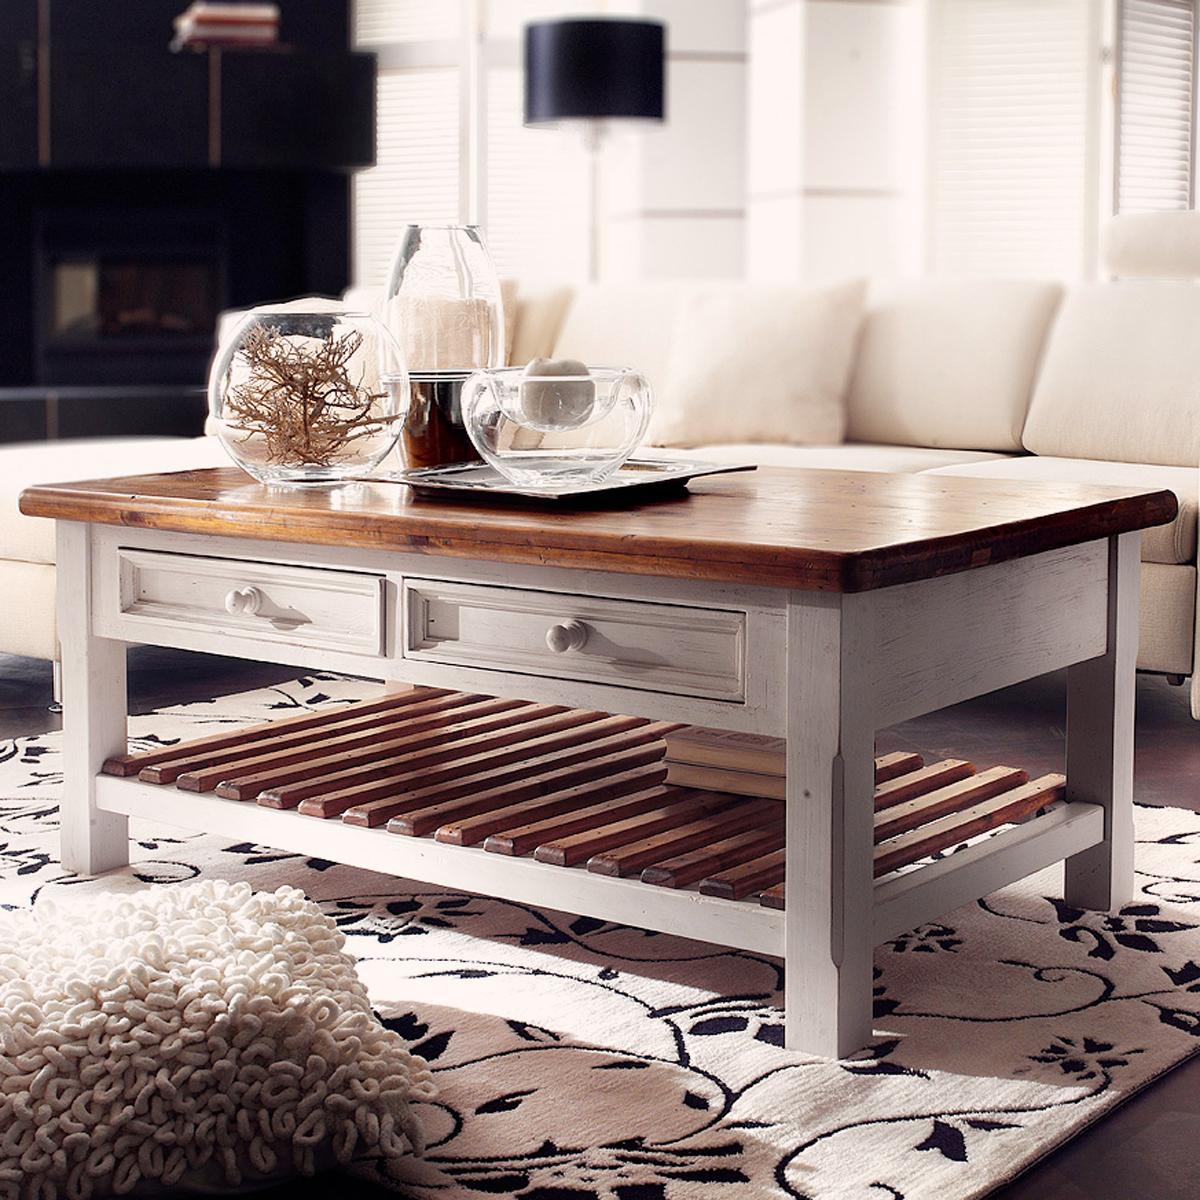 Couchtisch Bodde Tisch Kiefer Massiv Weiß Honig Landhaus